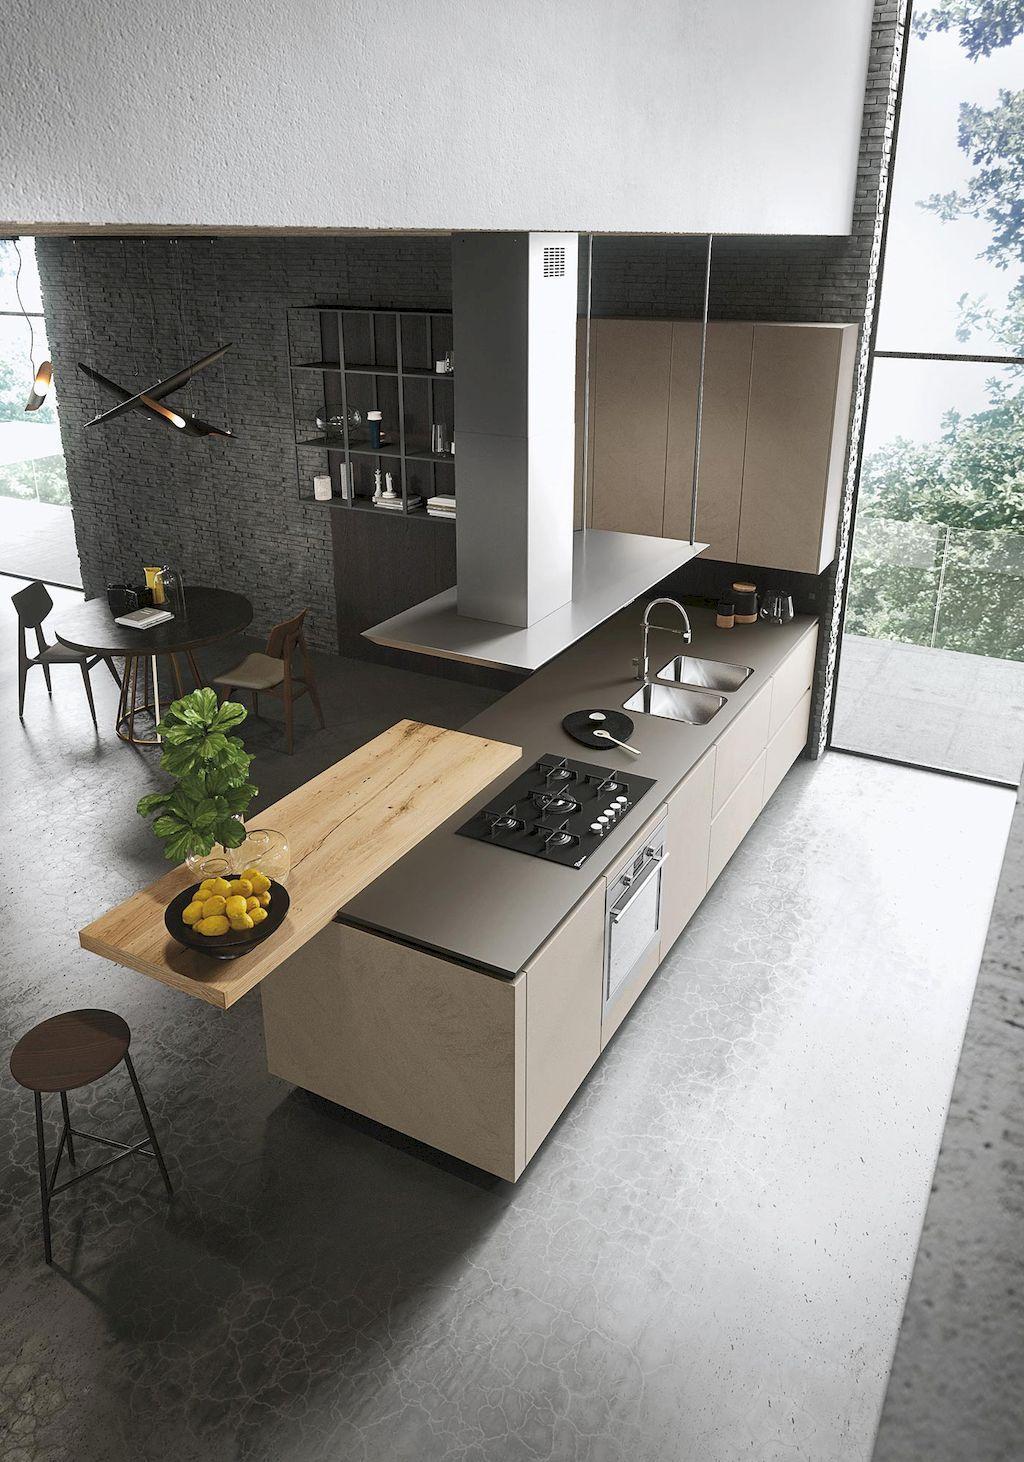 9 Sleek & Inspiring Luxury Kitchen Design Ideas Photos | Küche